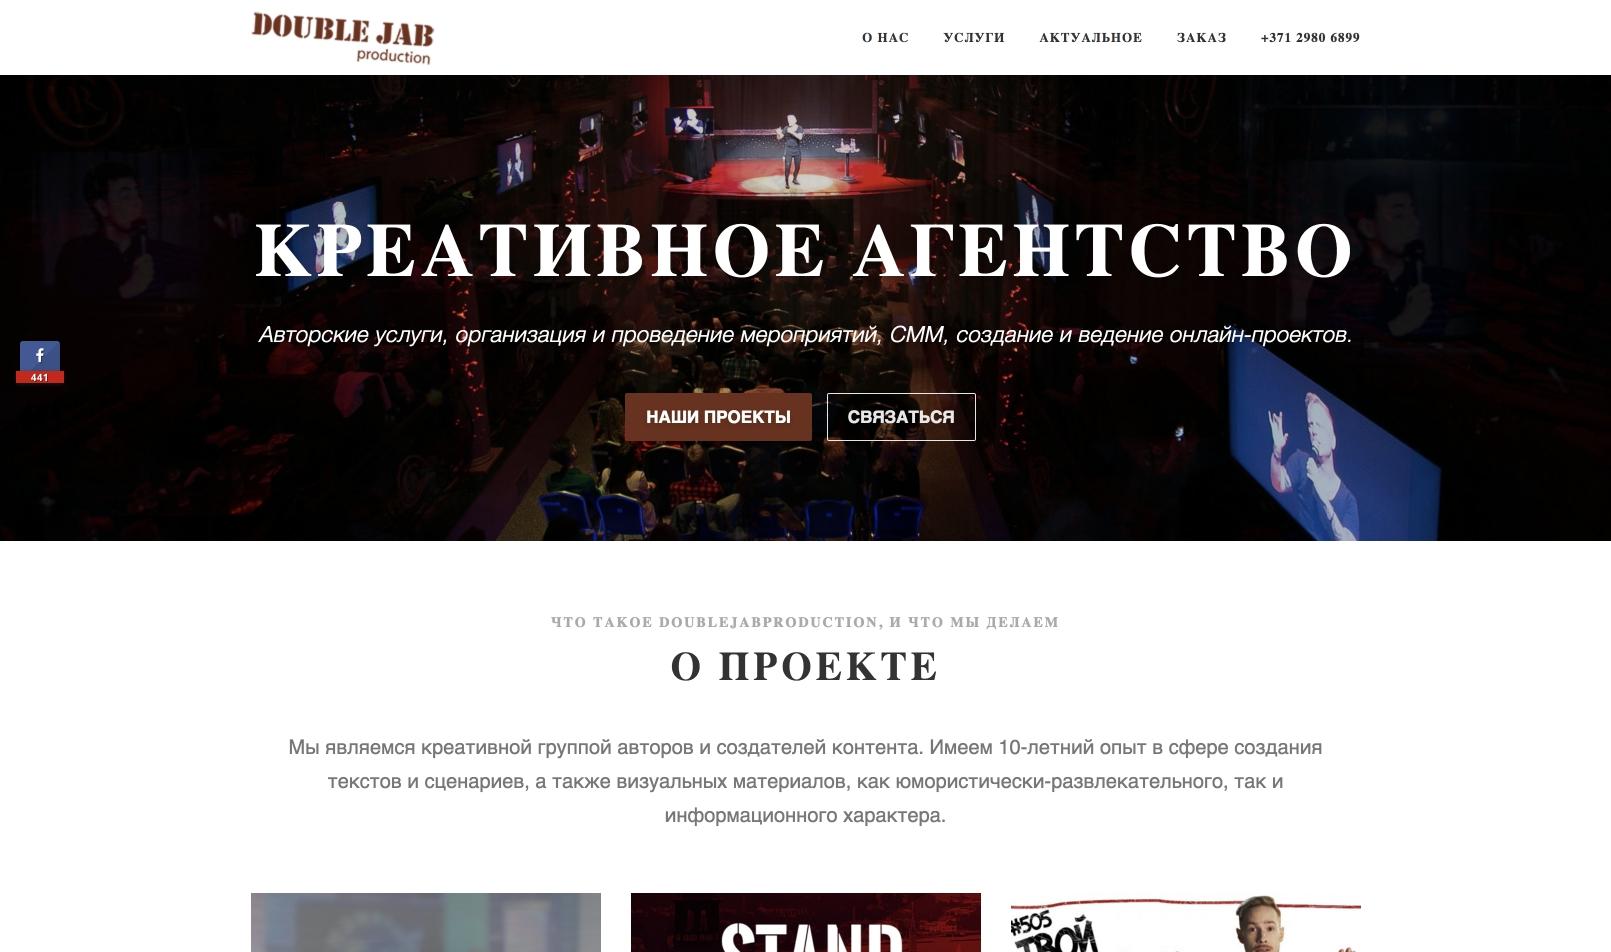 Создание сайта-визитки для креативного агенства Double Jab Production